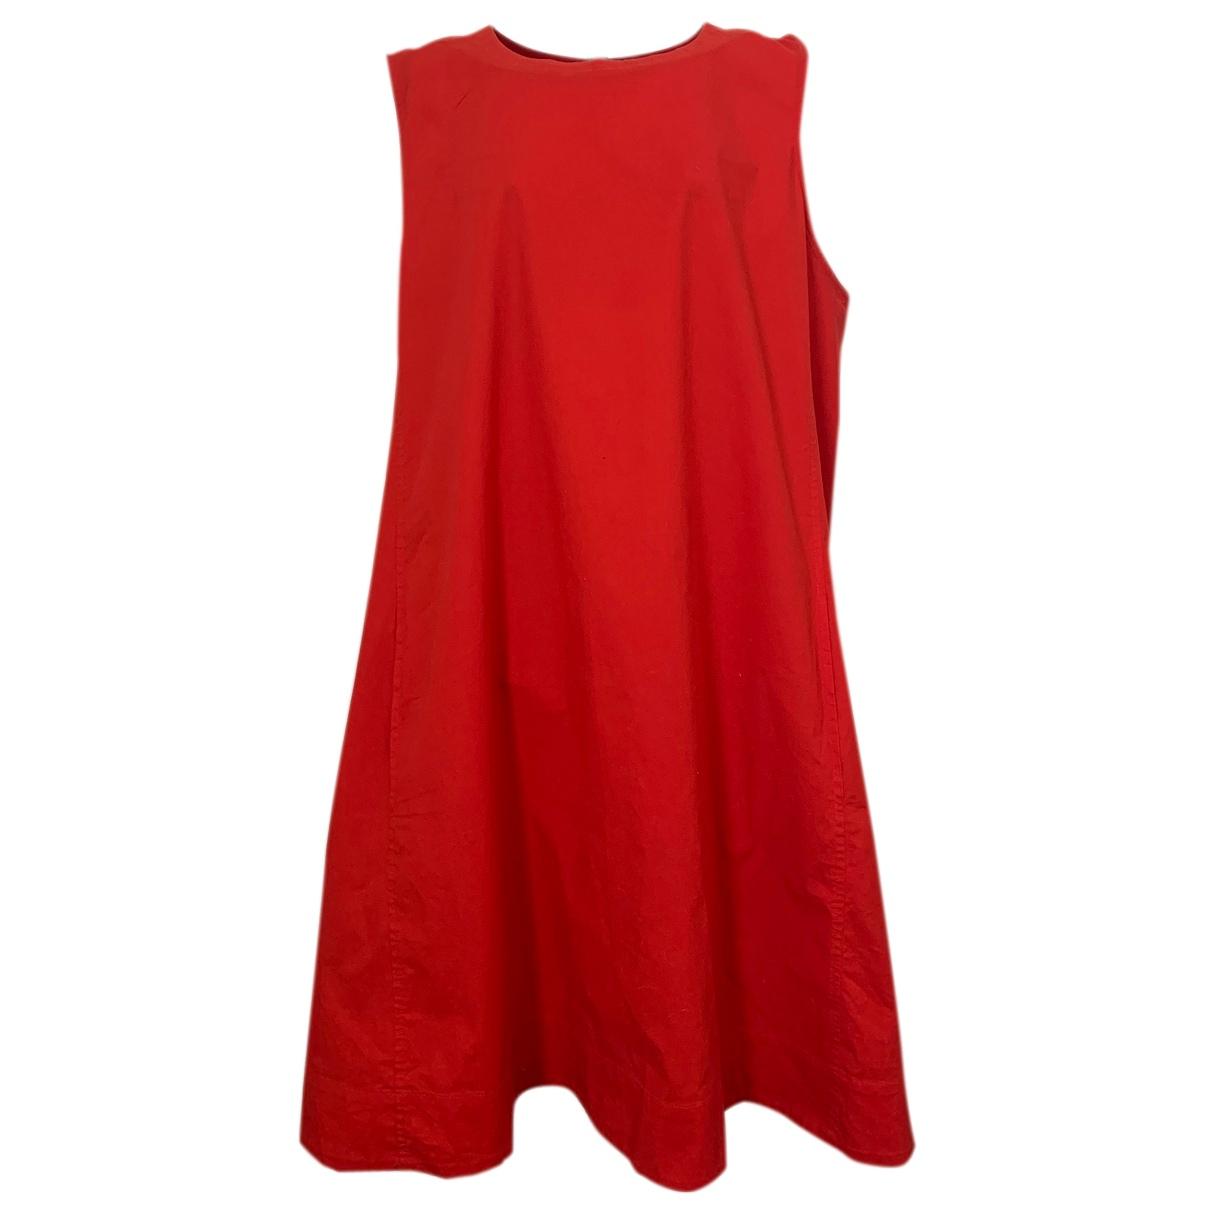 Eileen Fisher \N Kleid in  Rot Baumwolle - Elasthan